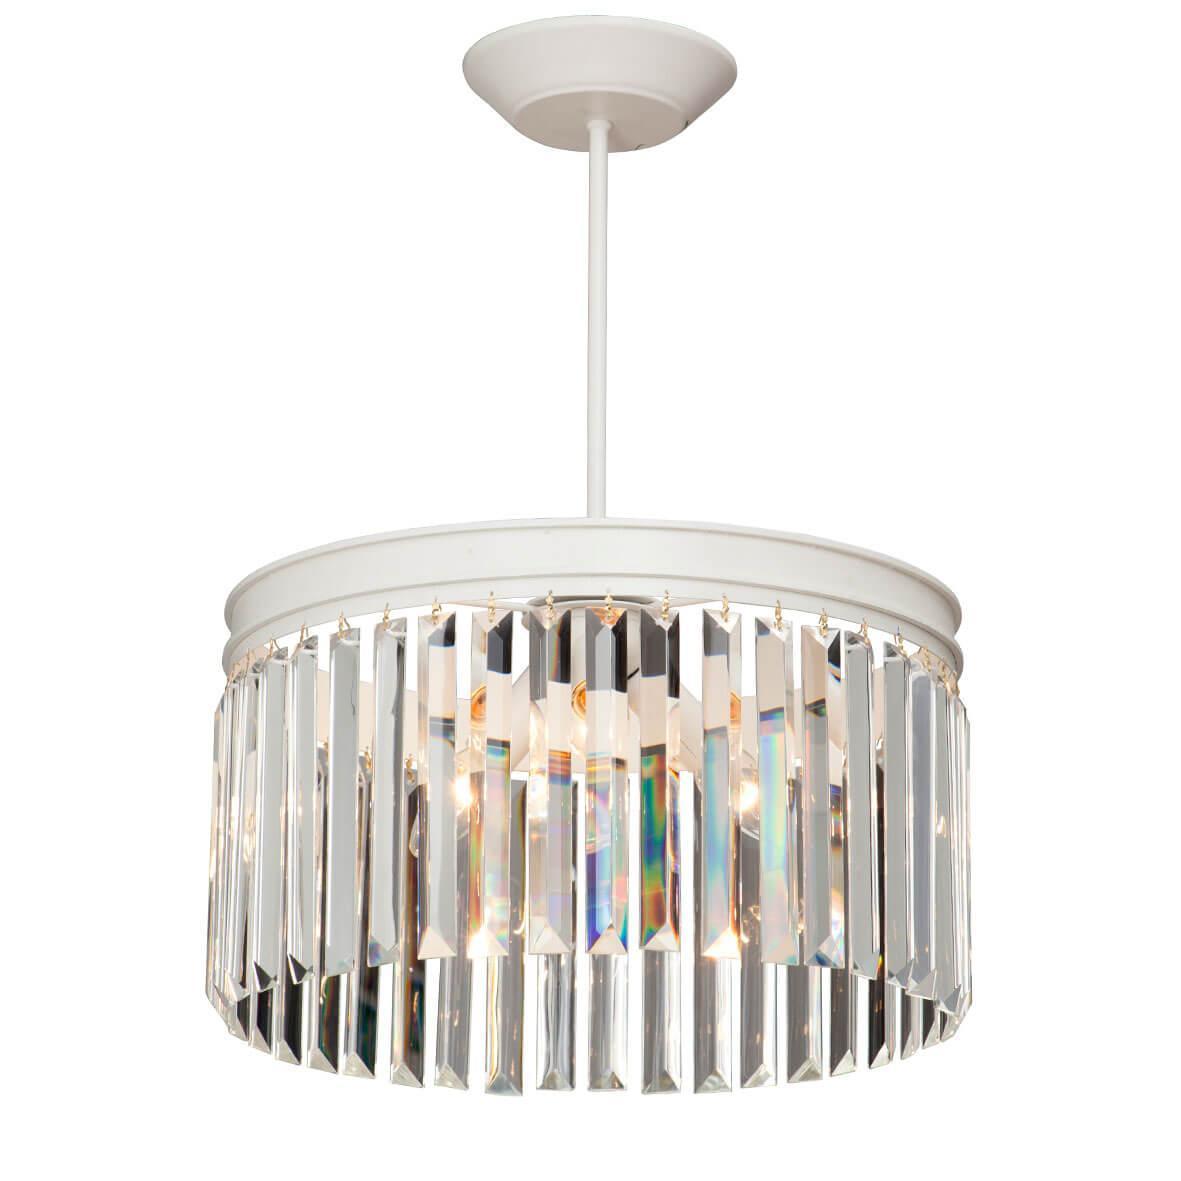 все цены на Потолочный светильник Vitaluce V5153-0/3PL, E14, 60 Вт онлайн